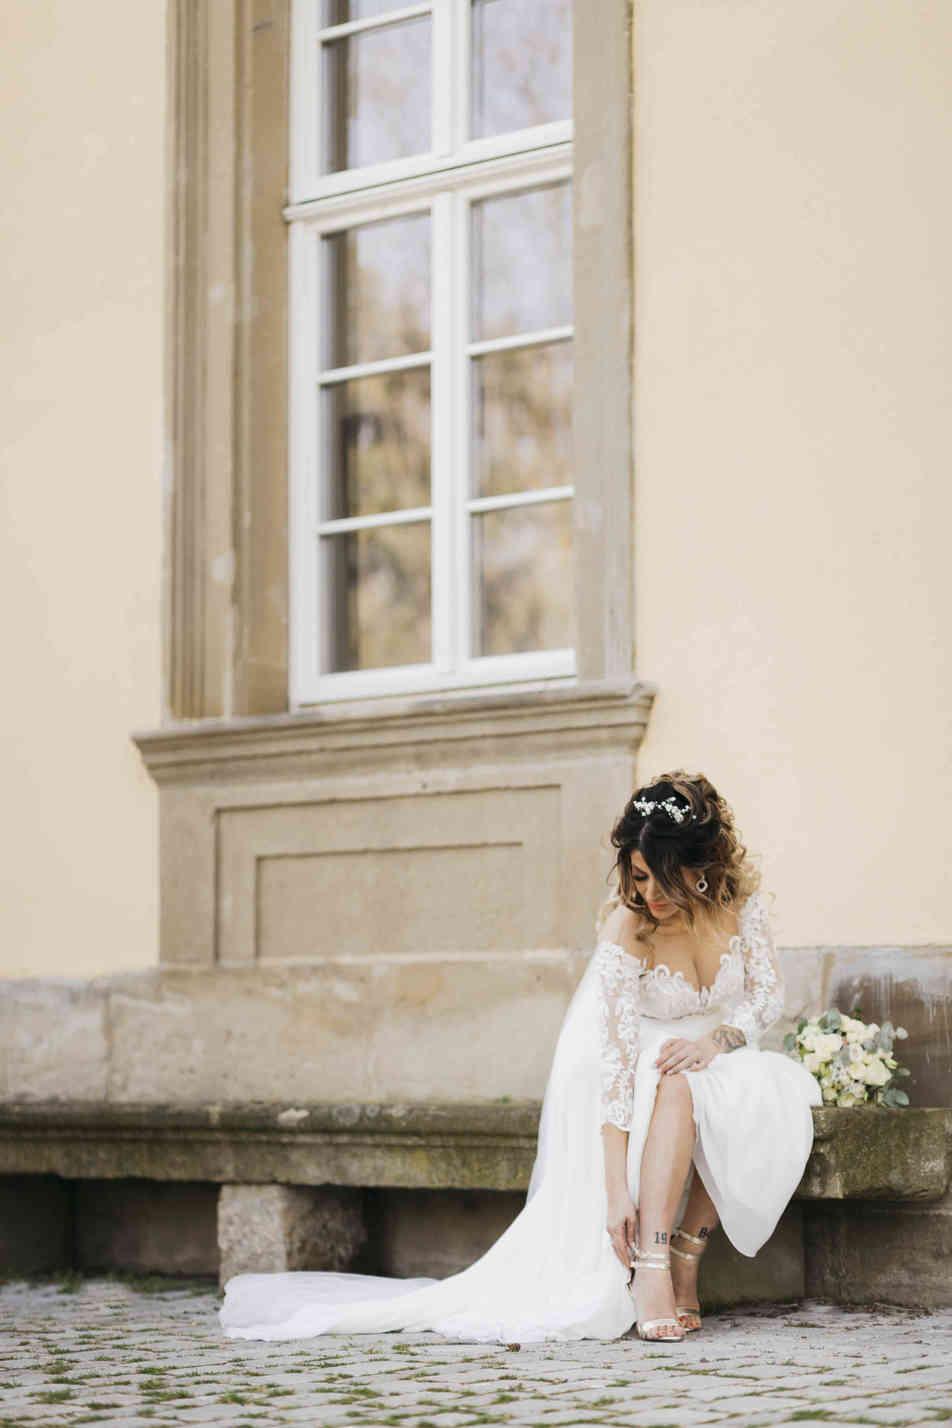 Hochzeit-֖hringen-Hochzeitsfotograf-Fot